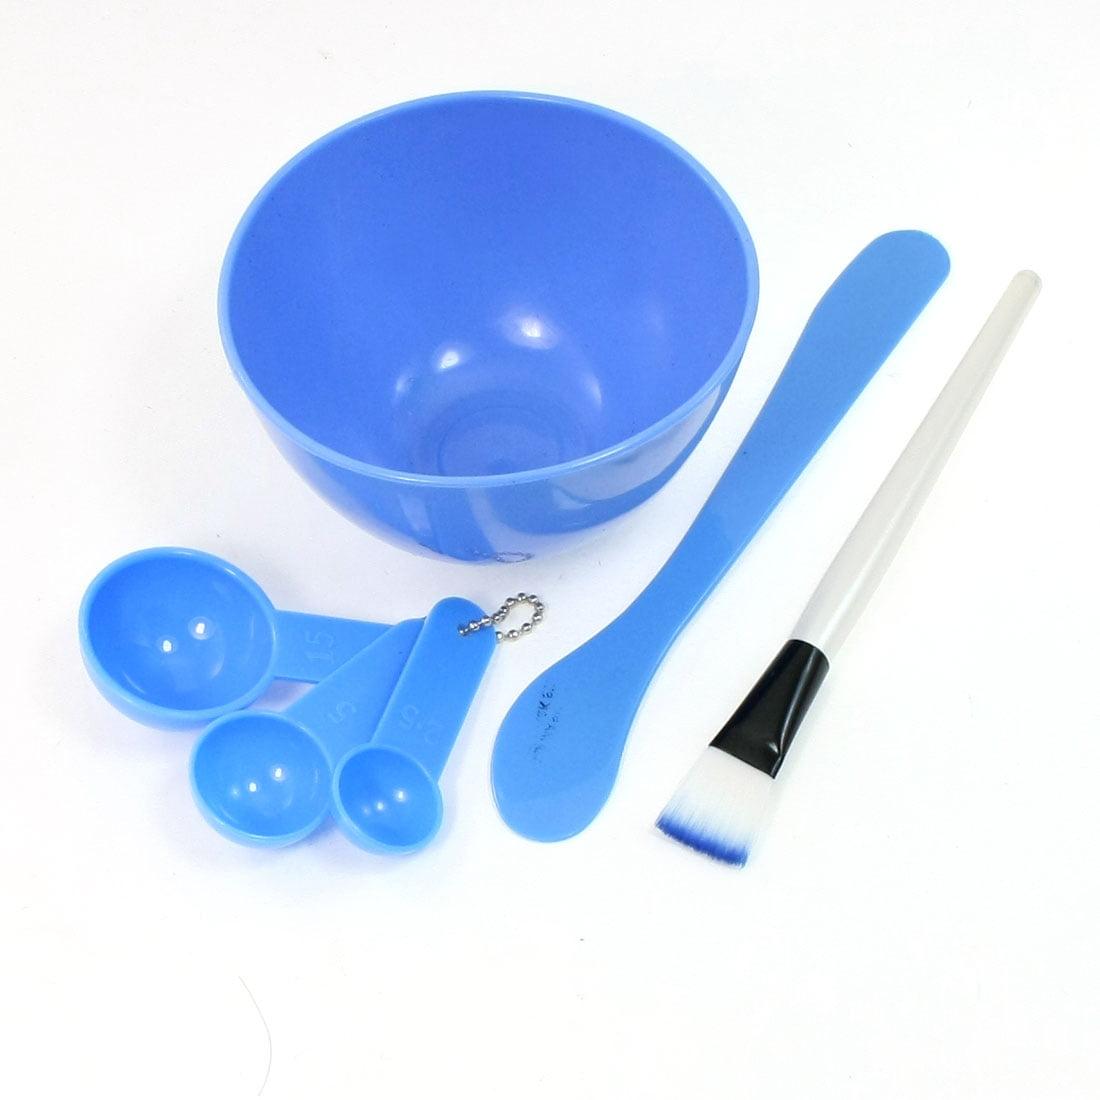 Unique Bargains 4 in 1 DIY Mask Soft Plastic Bowl Spoons Brush Stick Facial Sets Blue